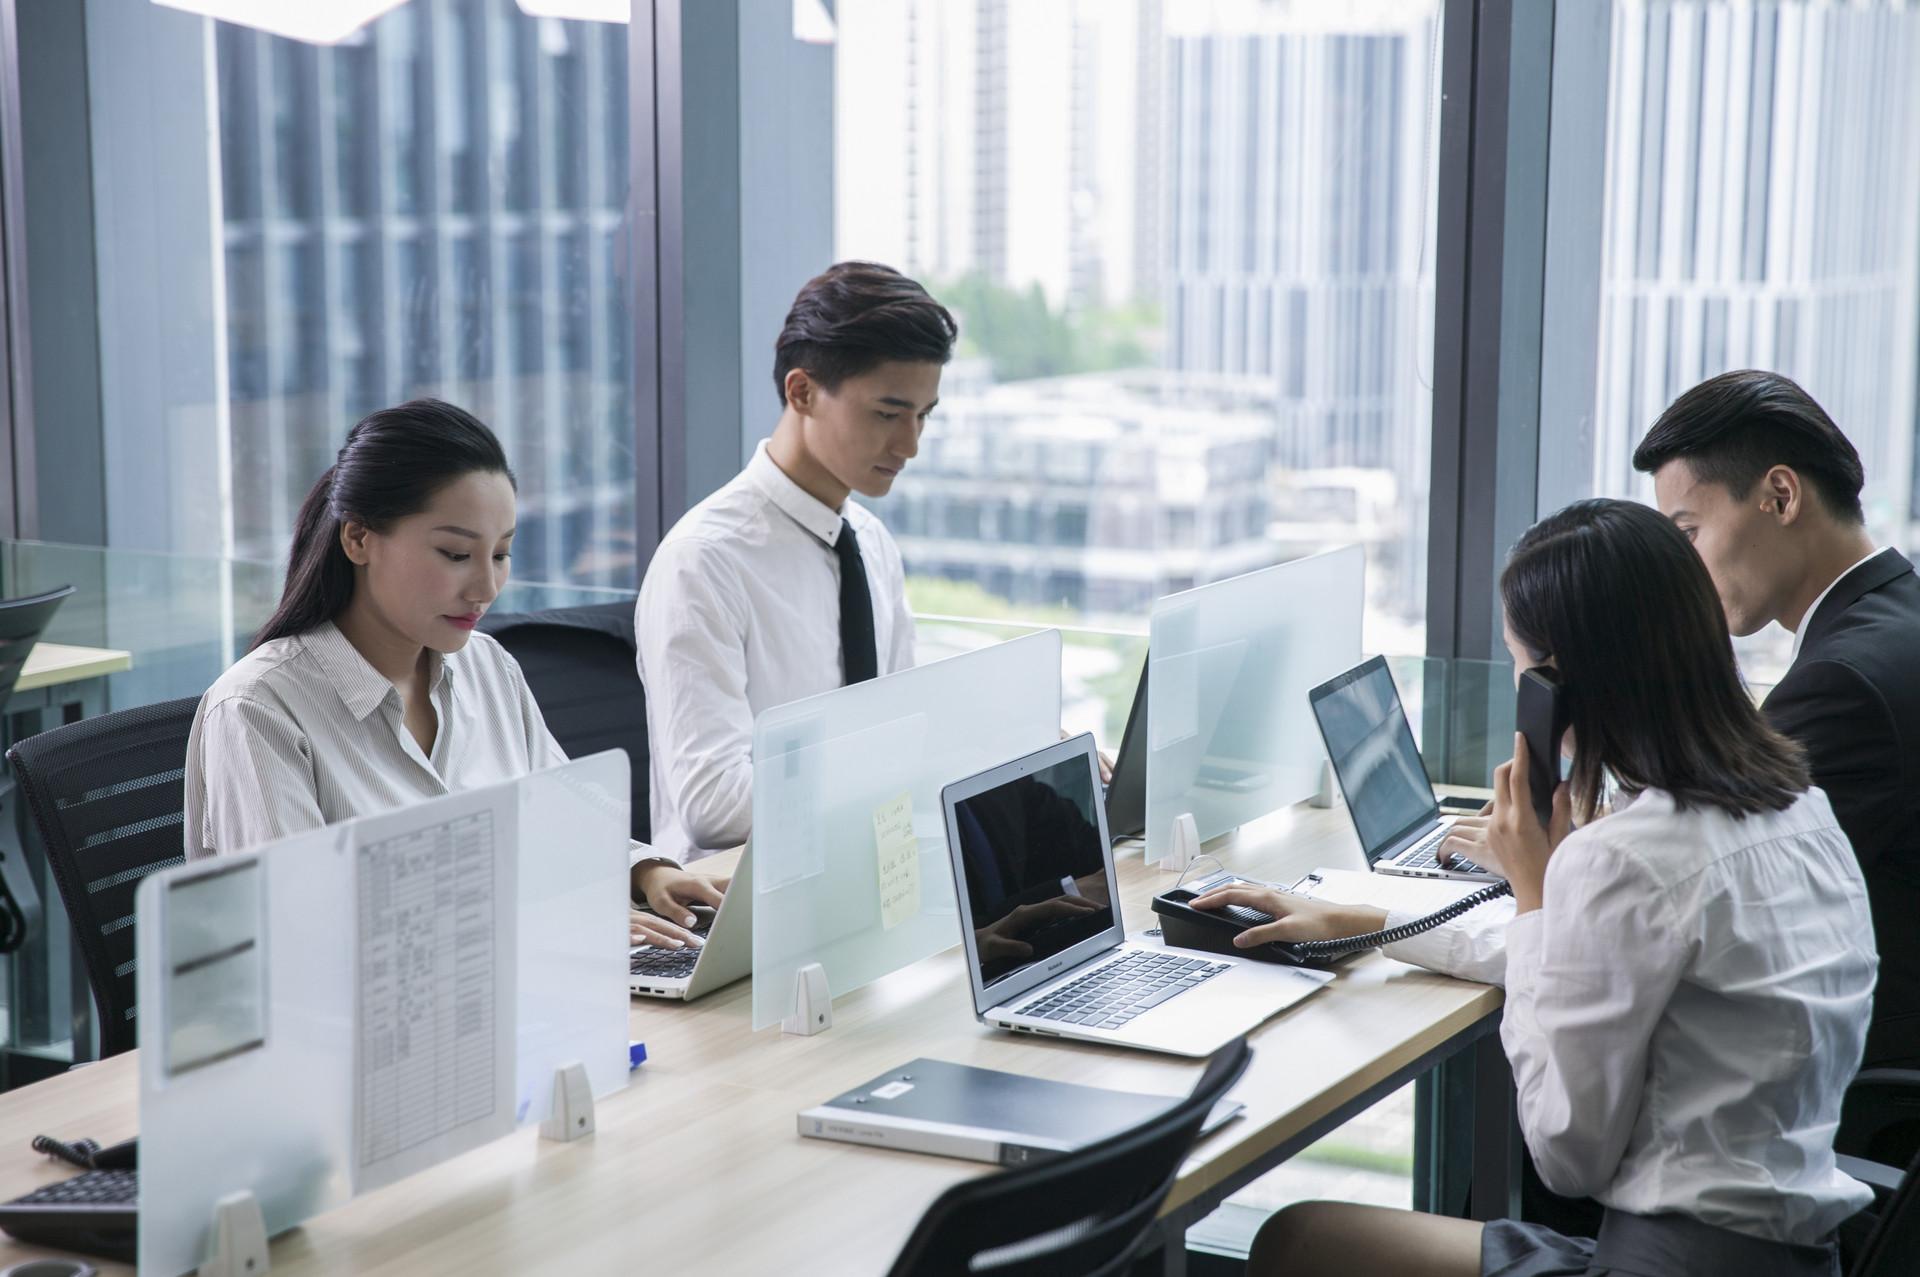 选择优秀的北京社保代理公司 金招三点法